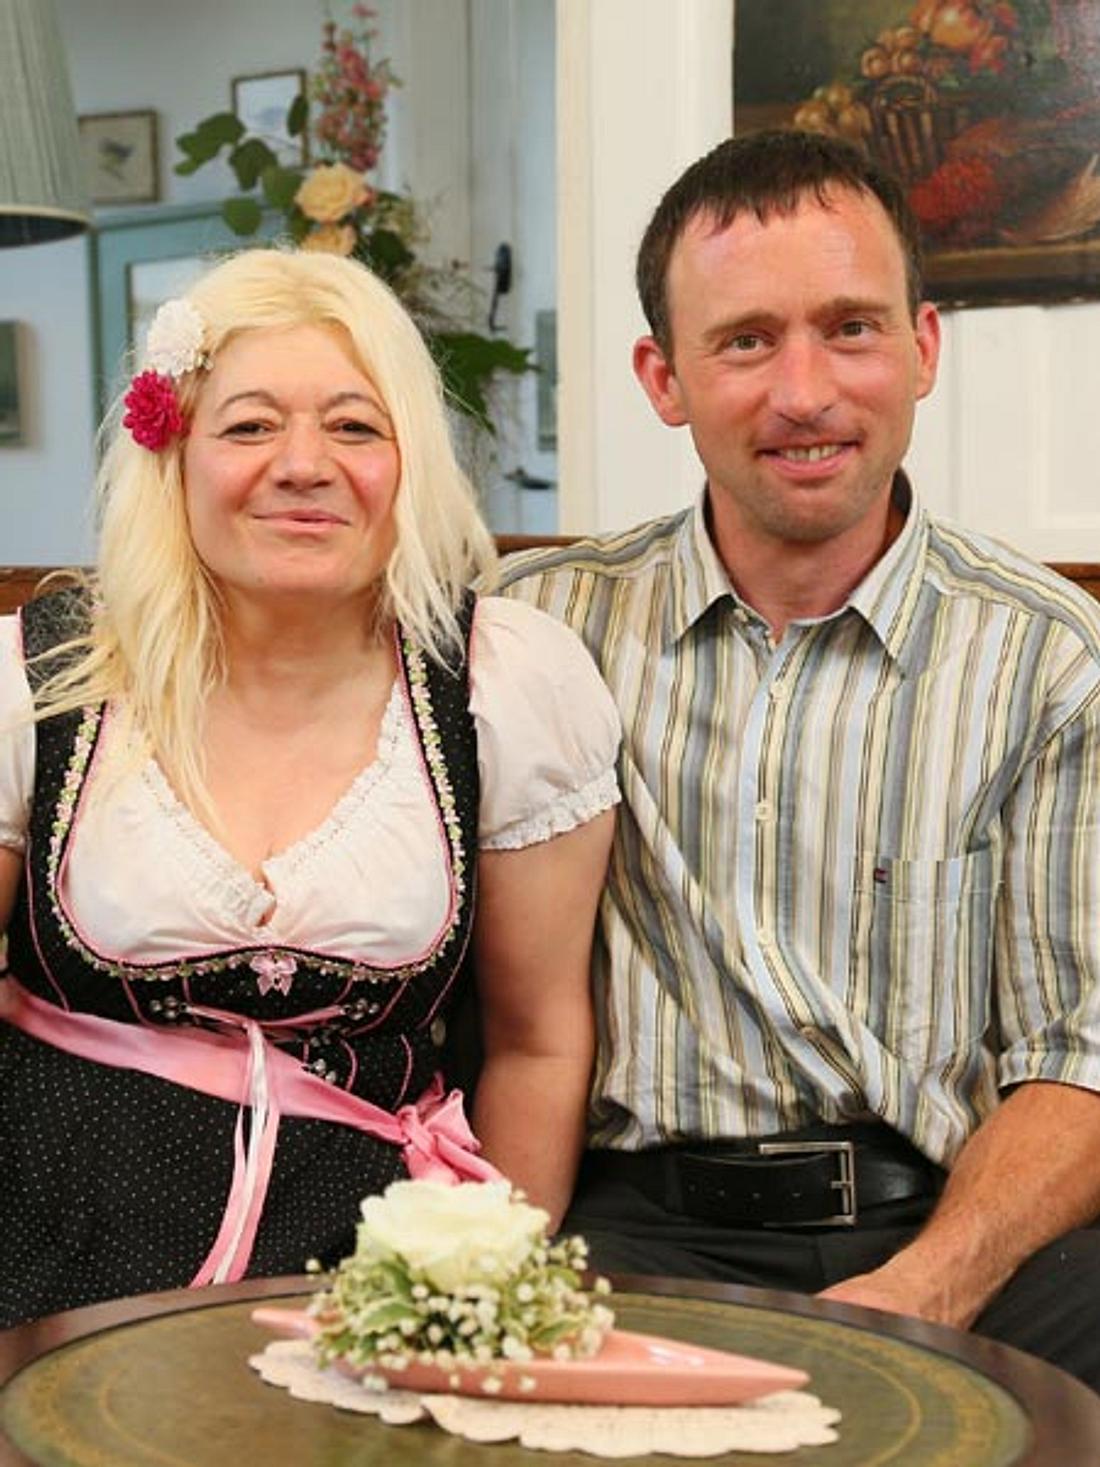 Beim Scheunenfest war zwischen Rainer und Heike noch alles in Ordnung.